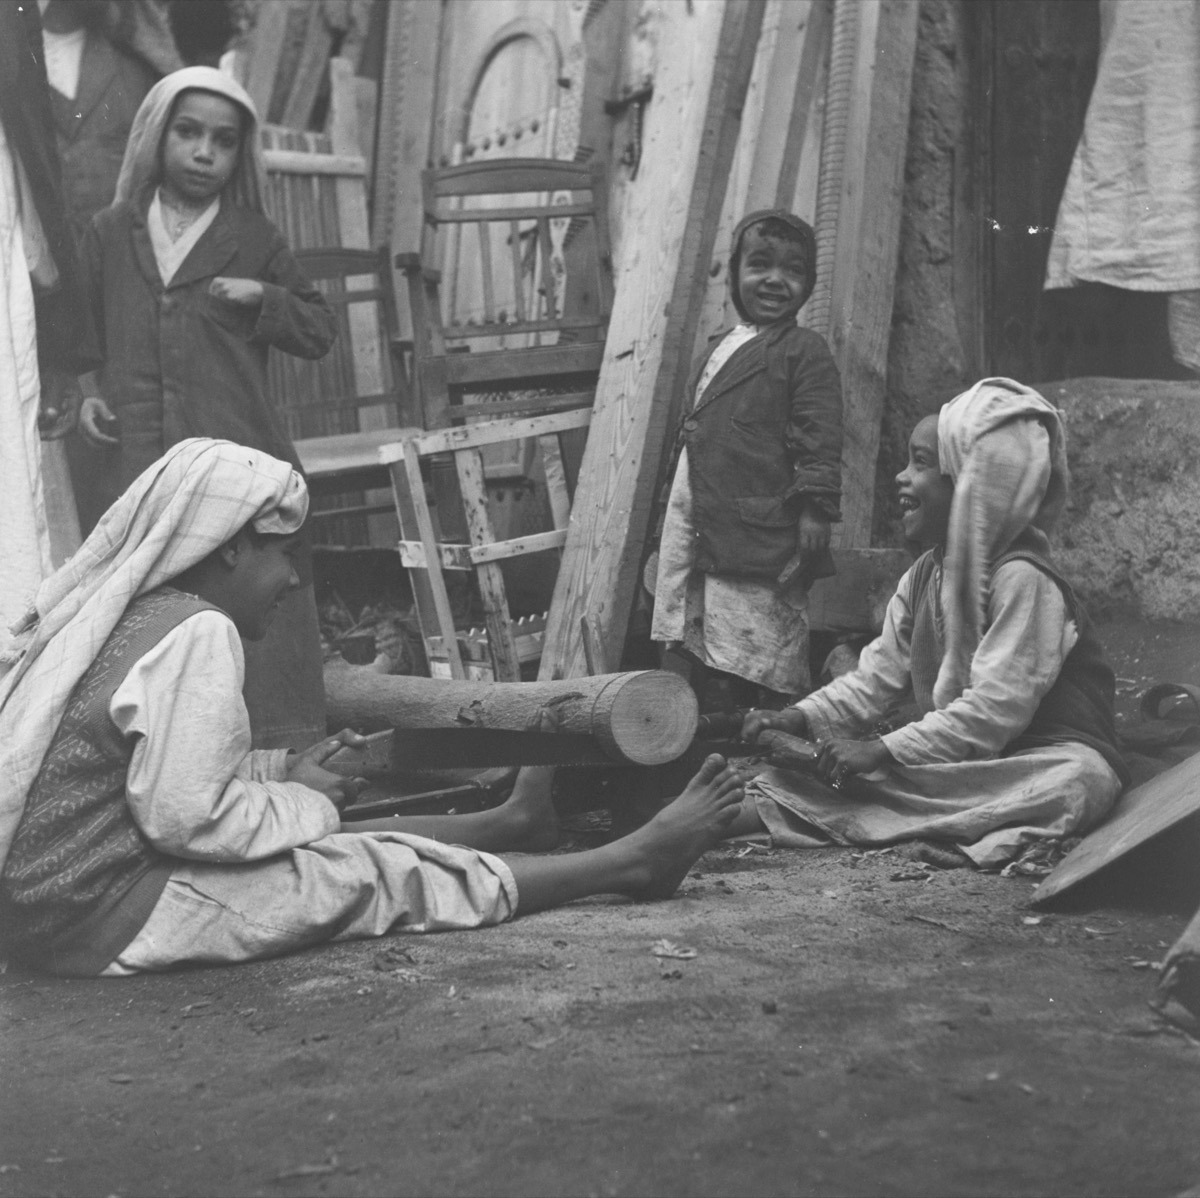 صورة مليئة بالبهجة لصبيان في المنطقة الشرقية منذ 67 عام